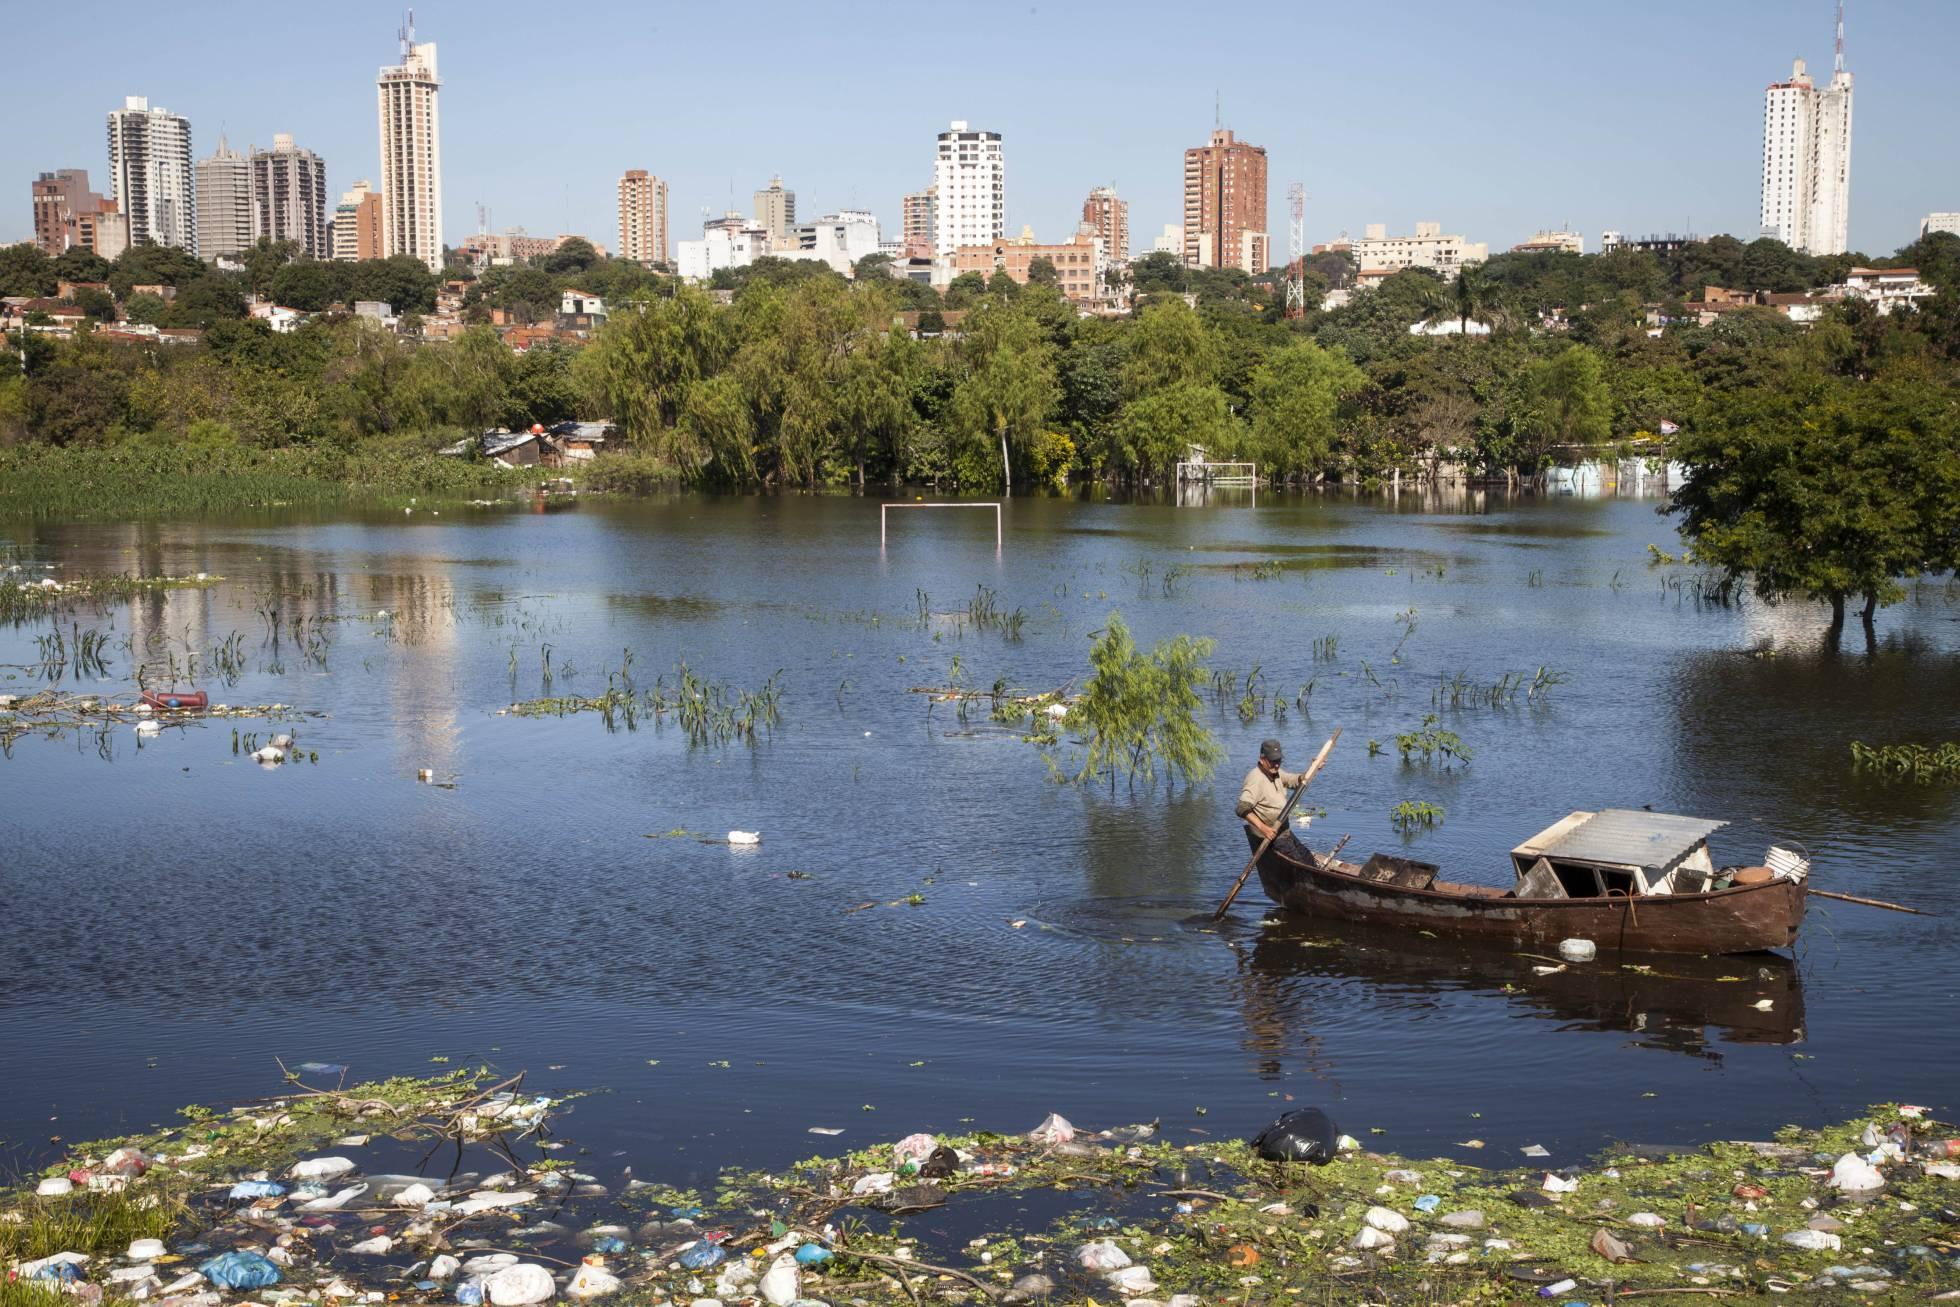 Paraguay: aguas revueltas en la democracia... - Página 2 1523883568_172874_1523886157_album_normal_recorte1